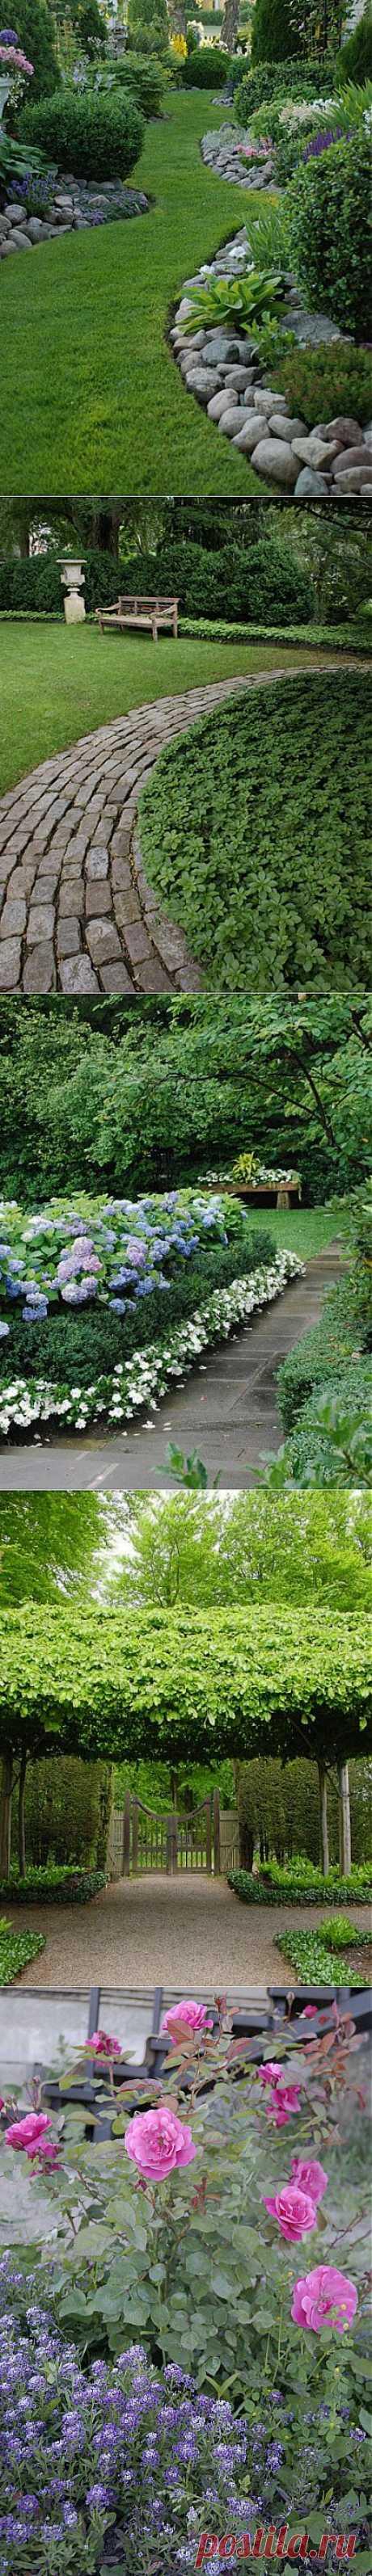 Красивый дизайн сада своими руками: 10 главных секретов   ВСЁ ДЛЯ ДОМА